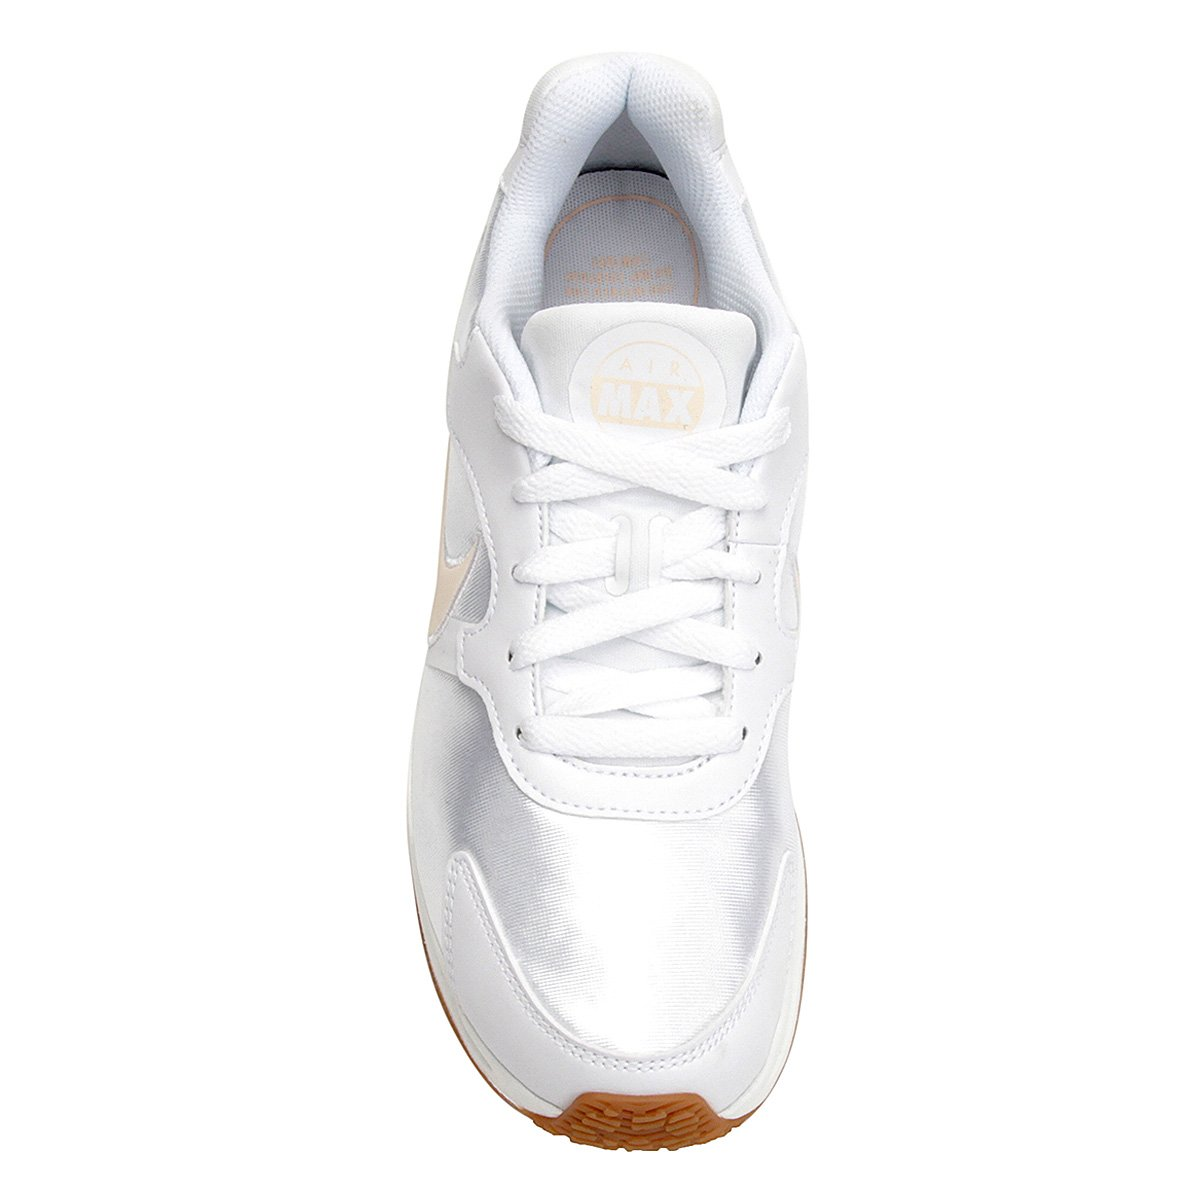 27b0f66b11 Tênis Nike Wmns Air Max Guile Feminino - Branco e Marrom - Compre ...